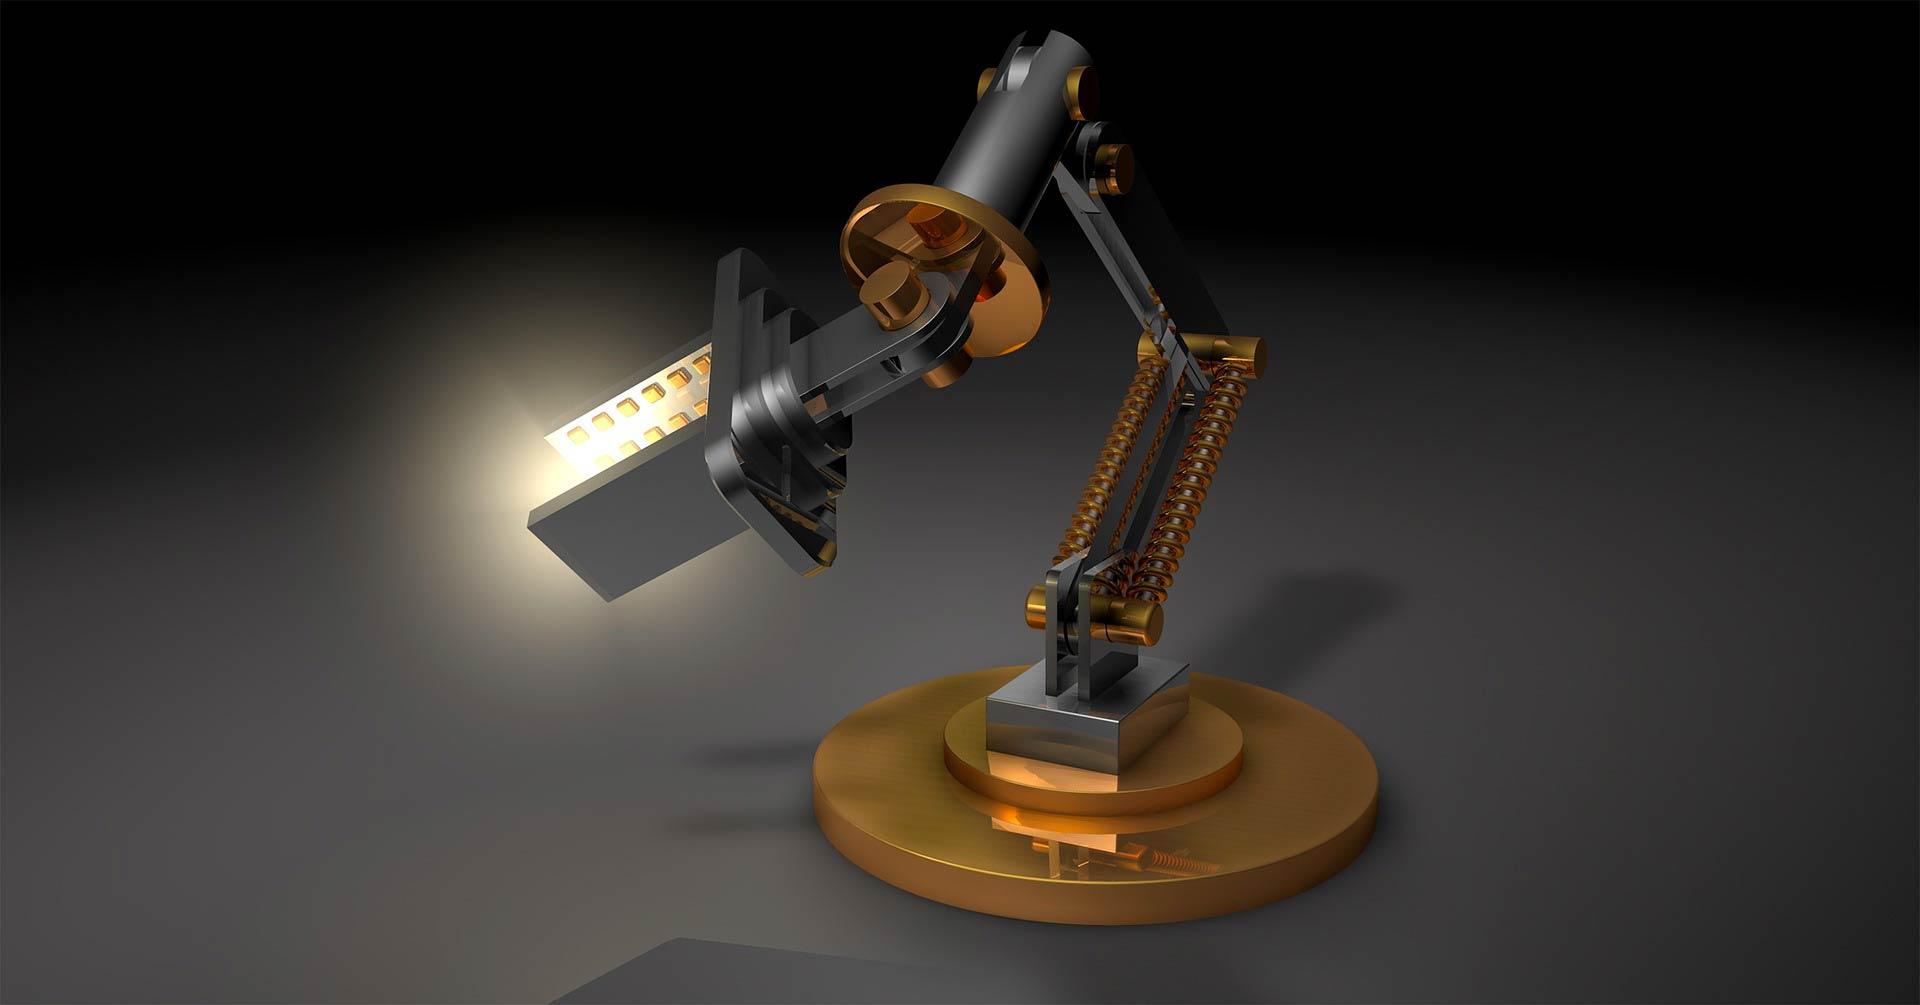 Animazione 3d a confronto i software e le scelte da compiere for Programmi 3d gratuiti